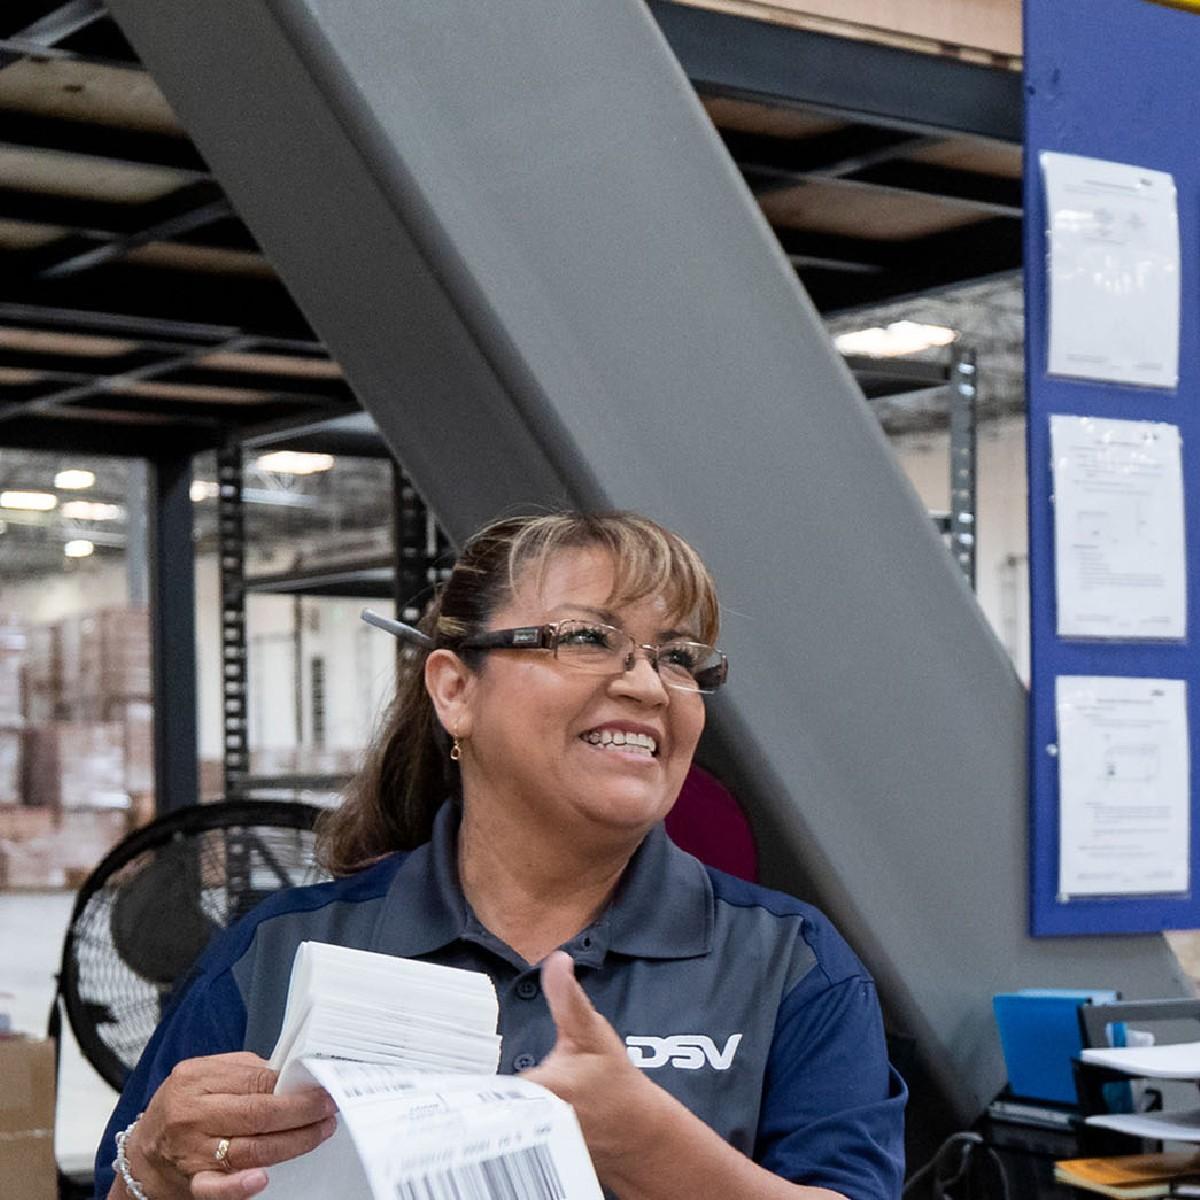 Als Loodsmedewerker voer je routinematige werkzaamheden uit voor een tijdige en juiste inslag, opslag, orderverzameling of uitslag van goederen.   Interesse? Solliciteer dan via https://t.co/cUNAoPc7rS   #dsv #vacatures #careers #transport #hiring #moveforward #tholen #jobs https://t.co/tfONTUA3fJ